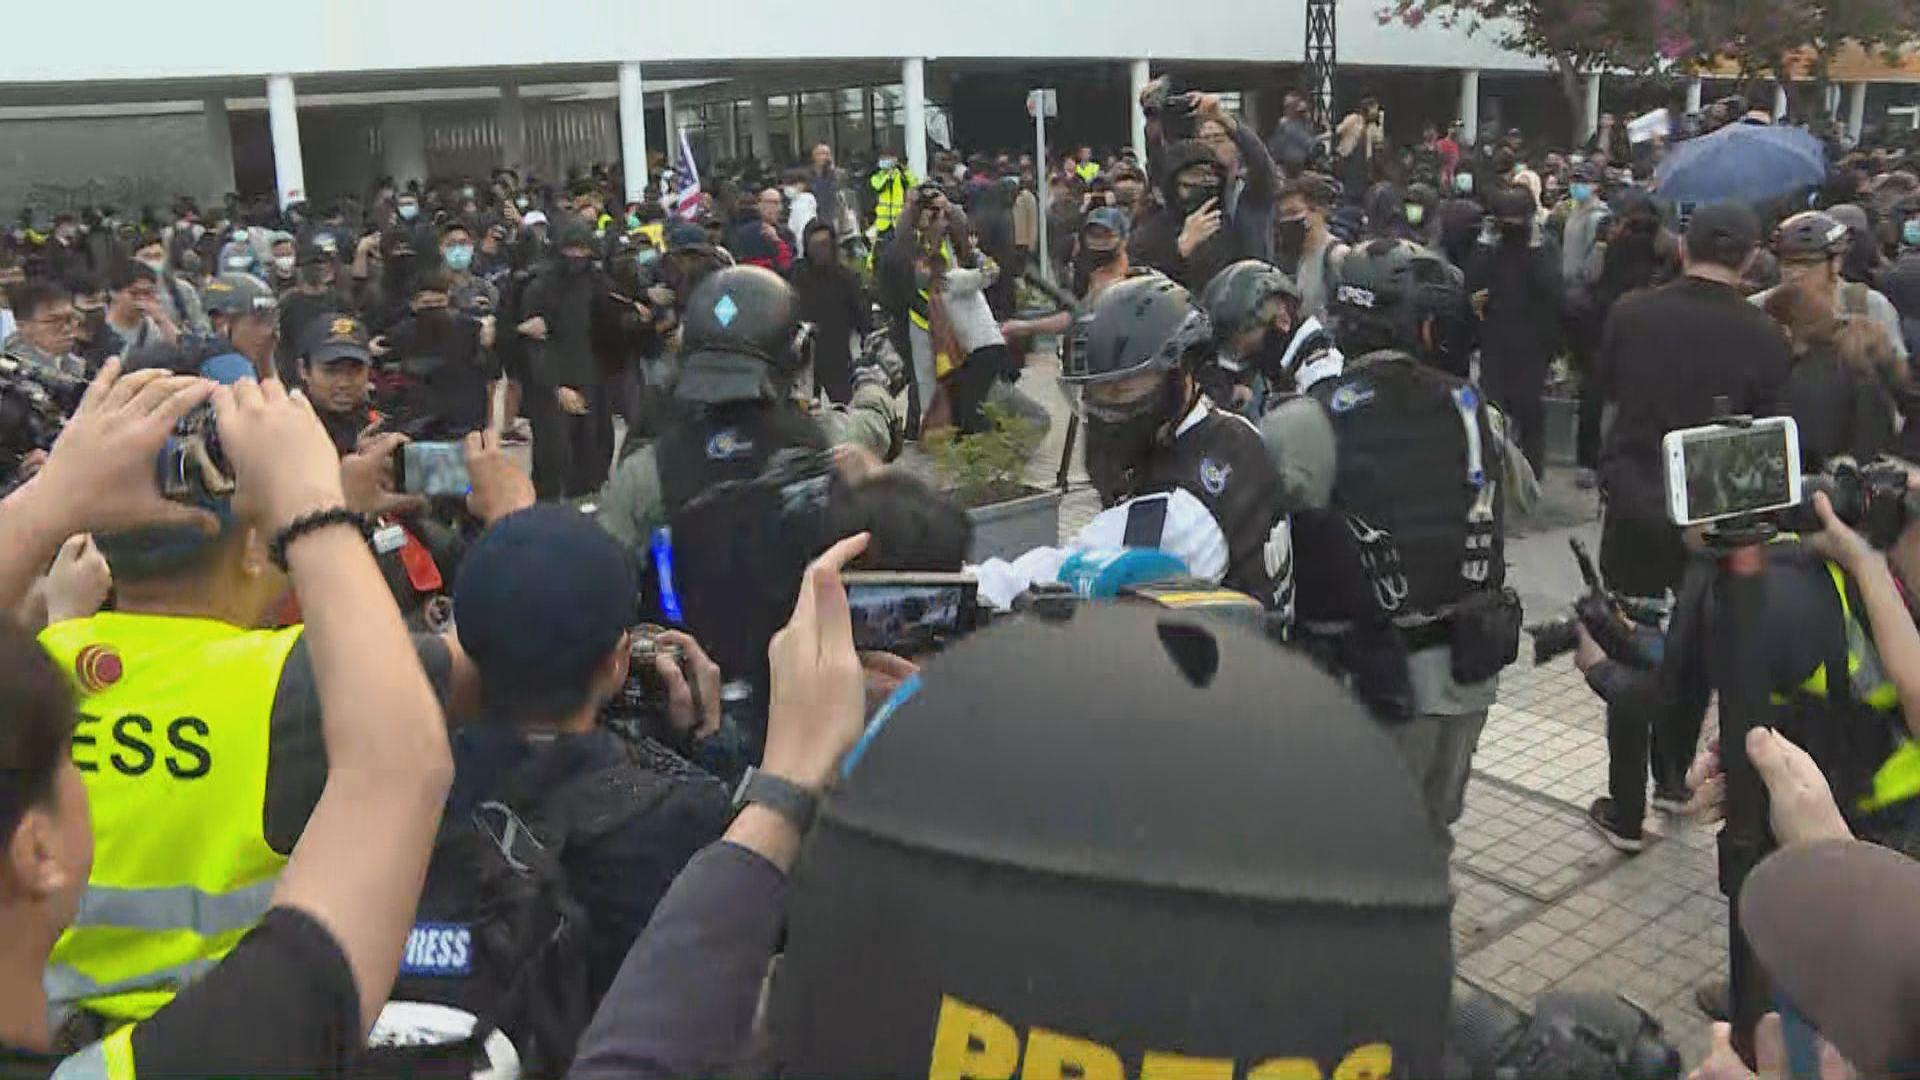 警方解釋警員向市民擎槍因襲警者走入人群